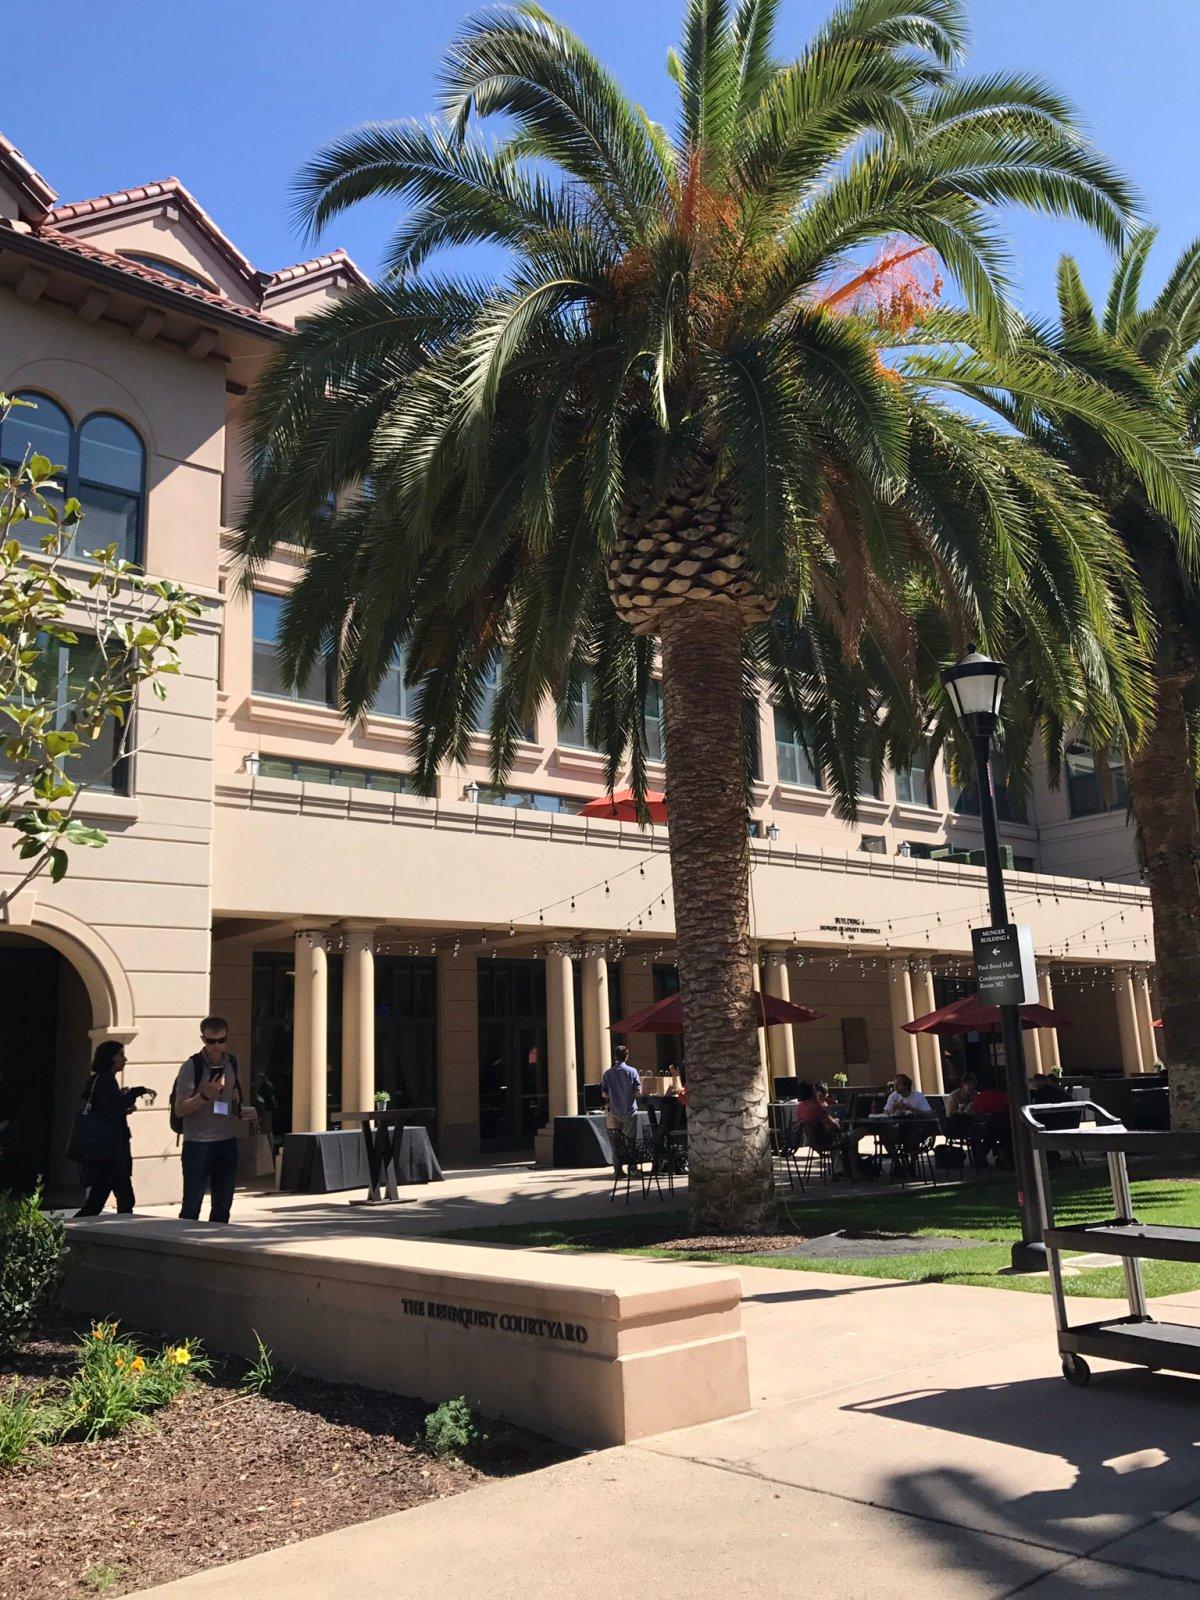 @RyanWelling @jeremyhall @youtah On campus…